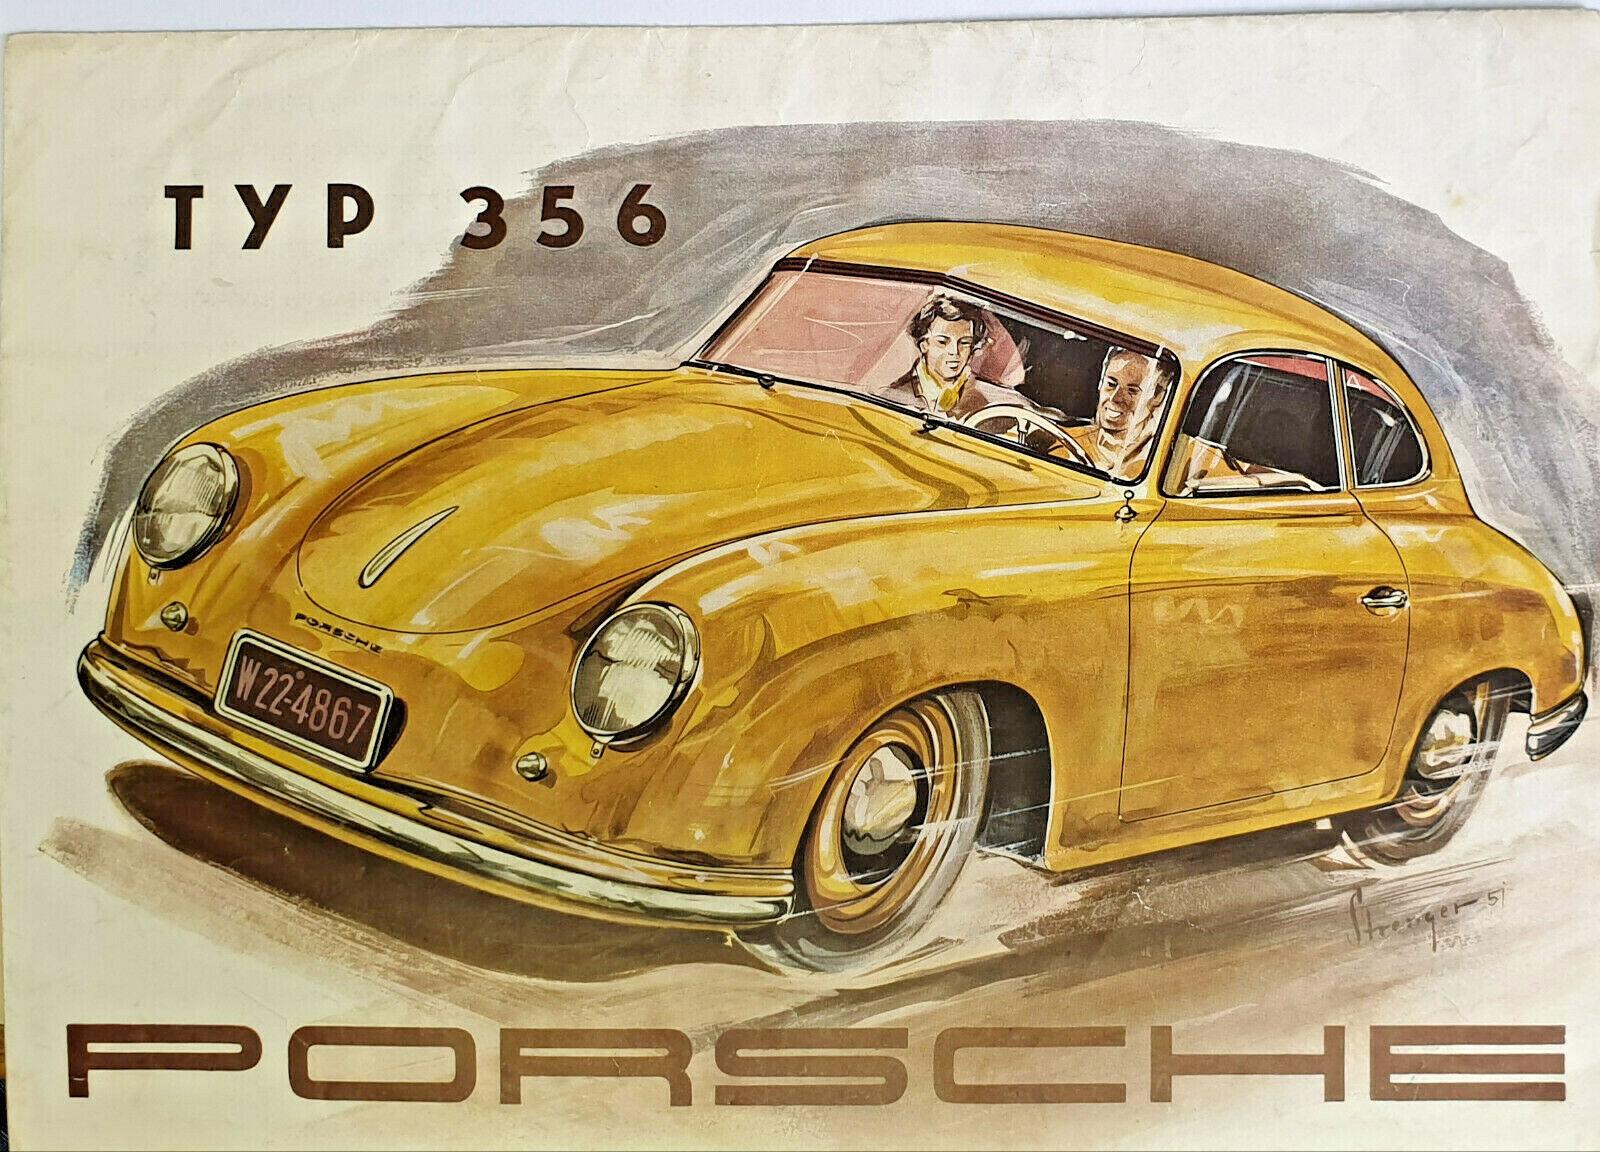 Rarität Prospekt Typ 356 In 1951 Mit Technischen Daten Porsche